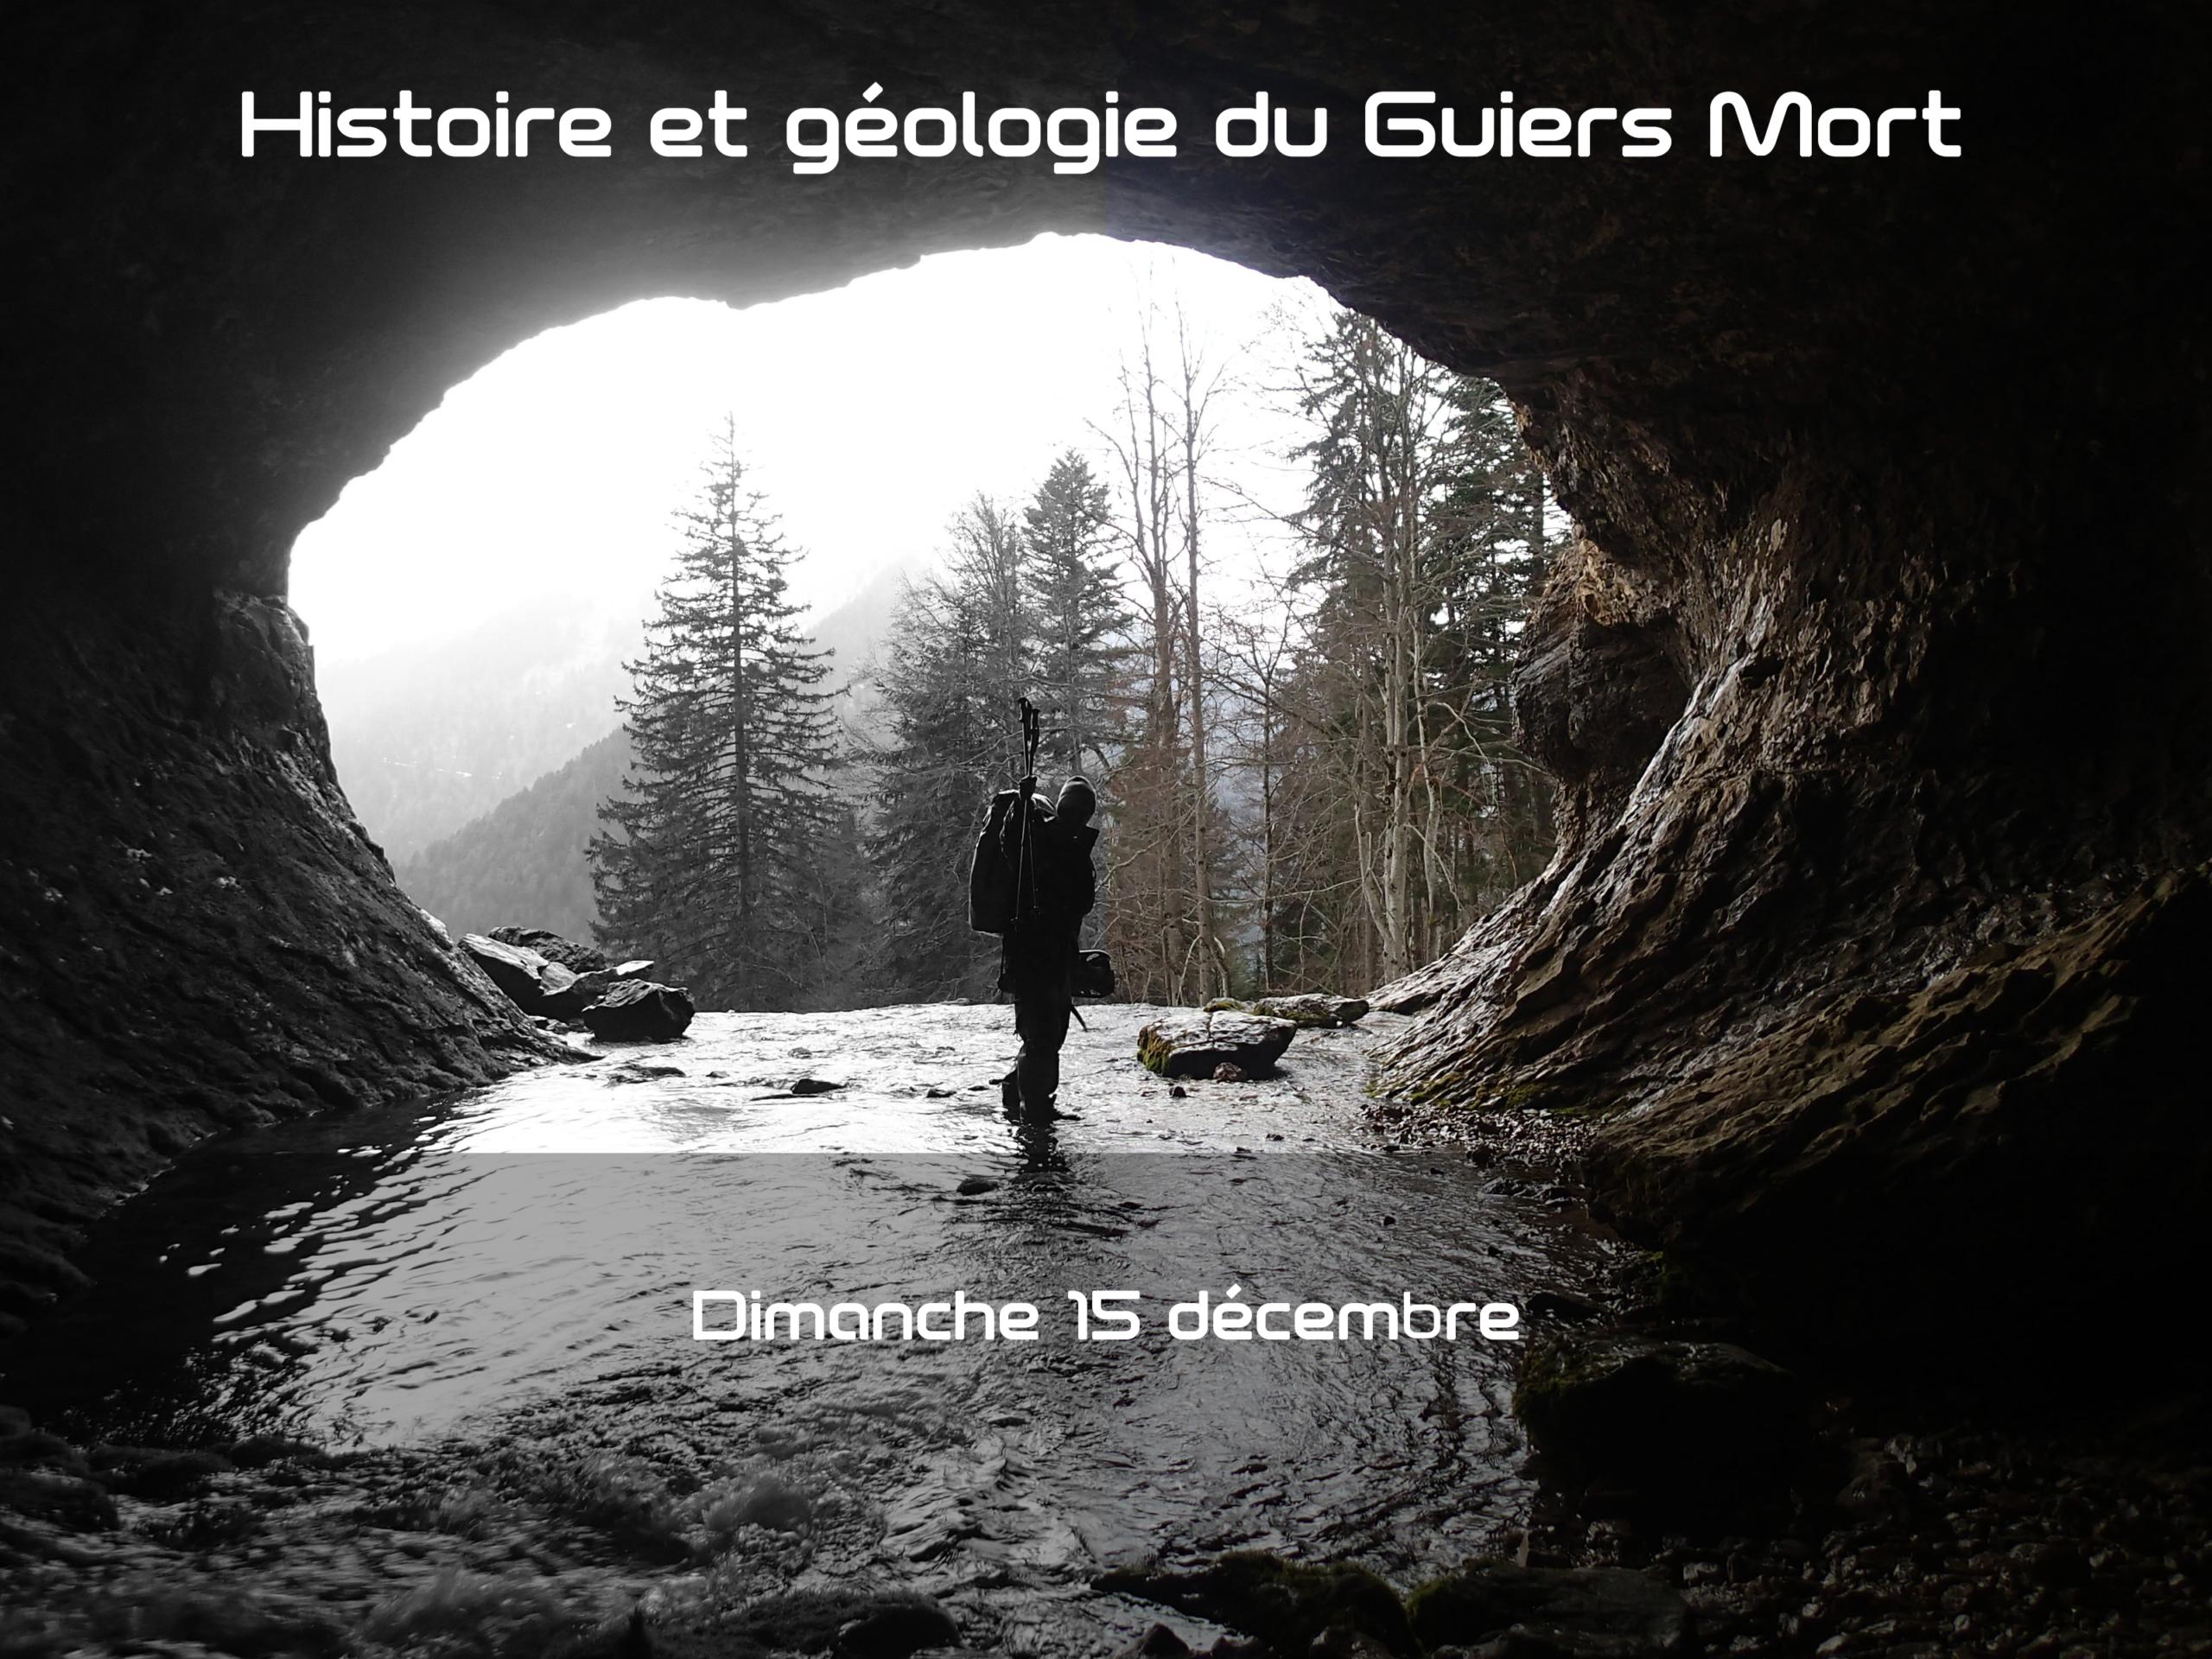 Histoire et géologie du Guiers Mort